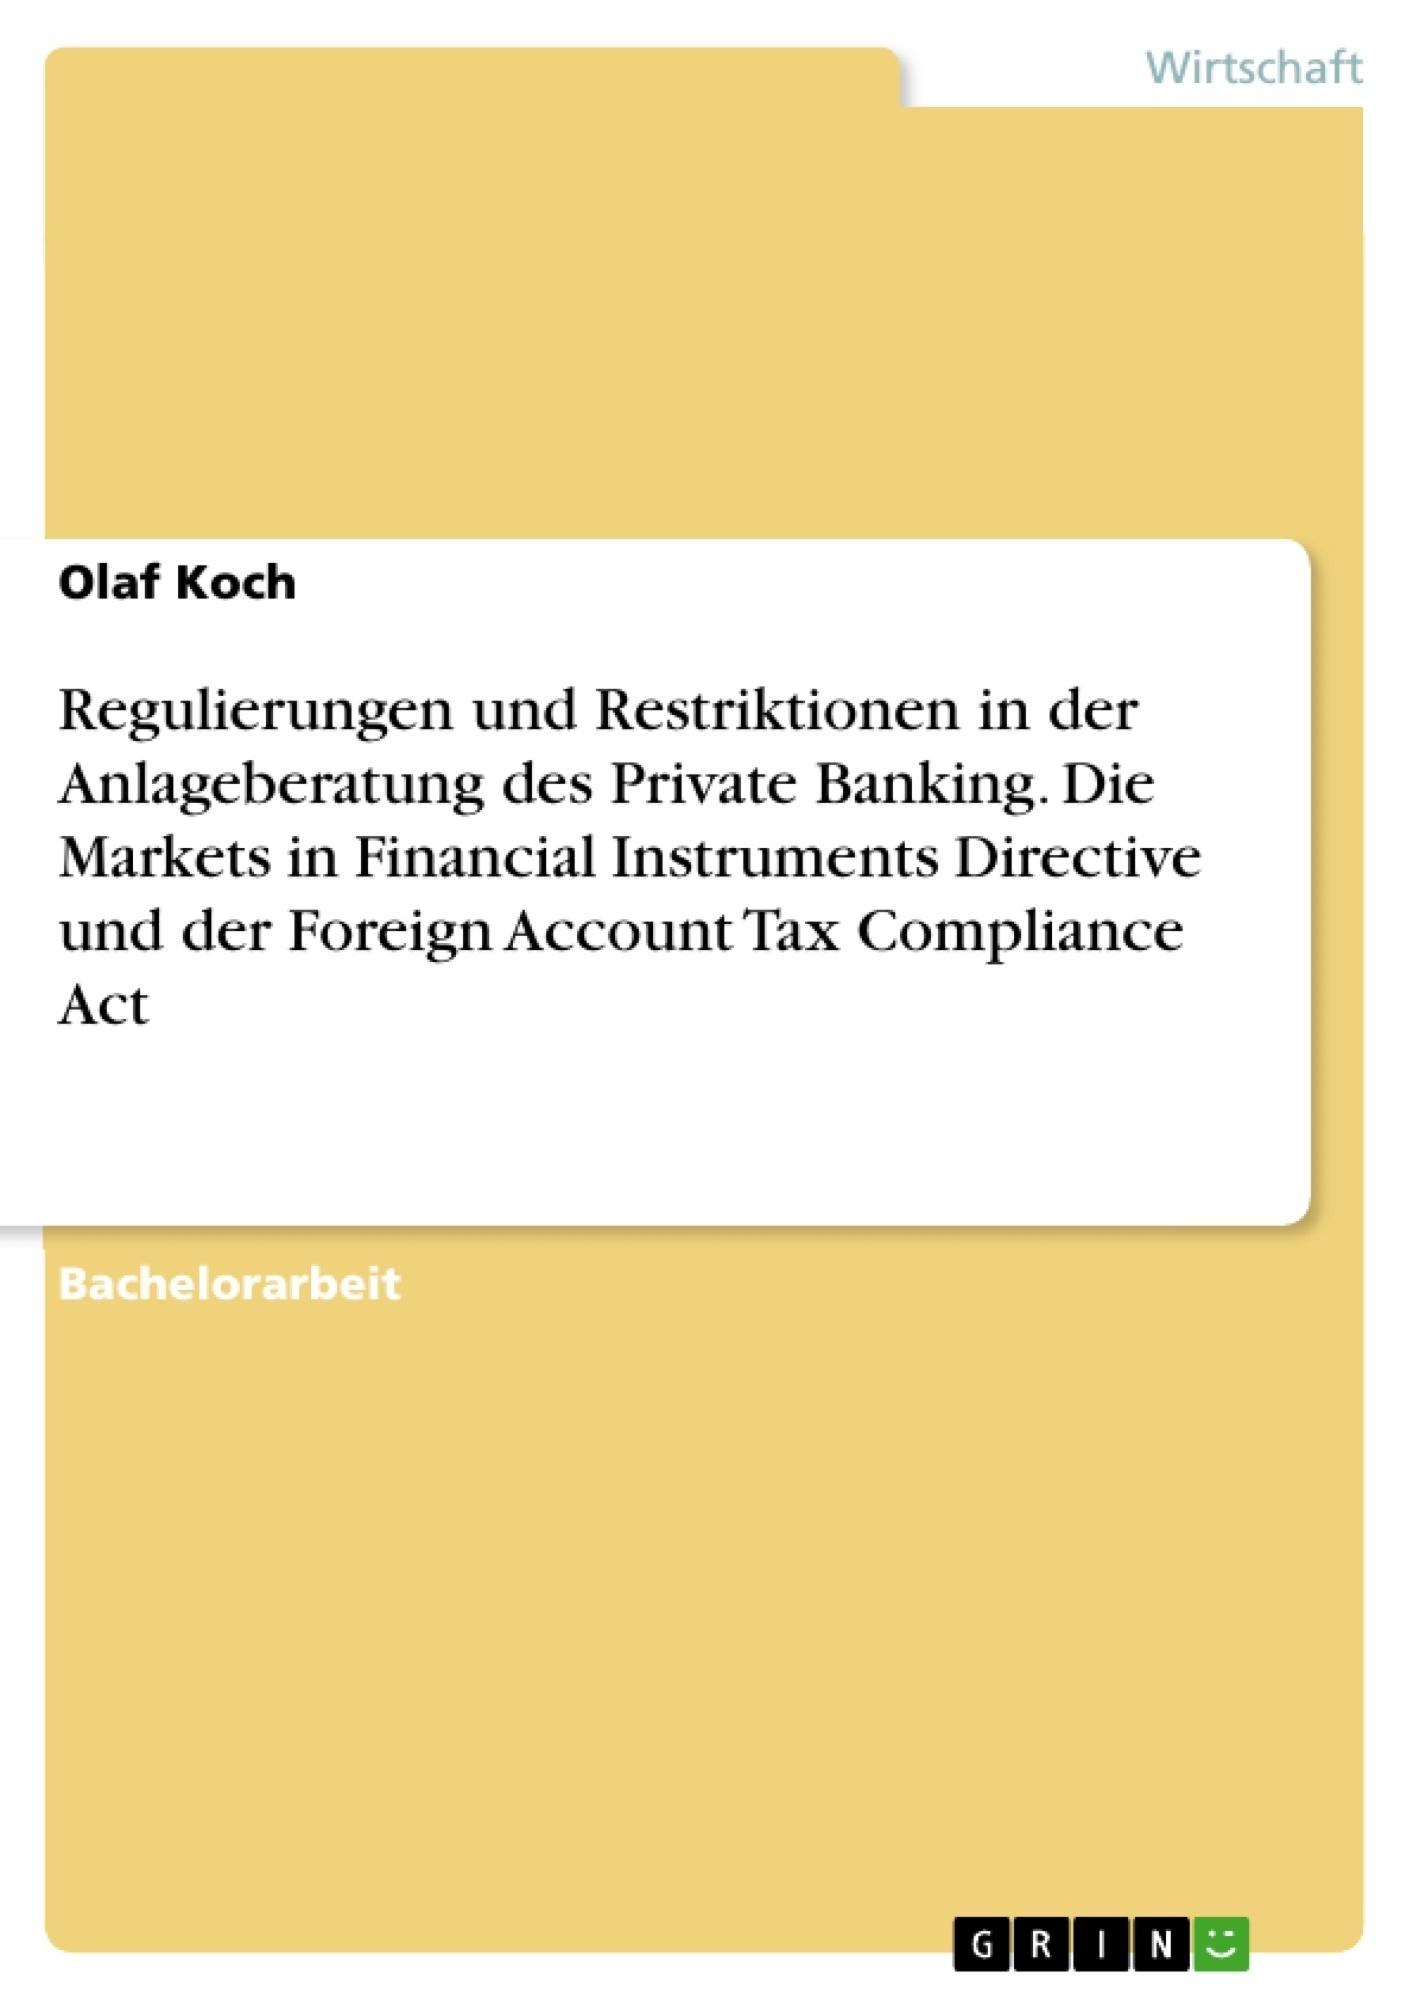 Titel: Regulierungen und Restriktionen in der Anlageberatung des Private Banking. Die Markets in Financial Instruments Directive und der Foreign Account Tax Compliance Act